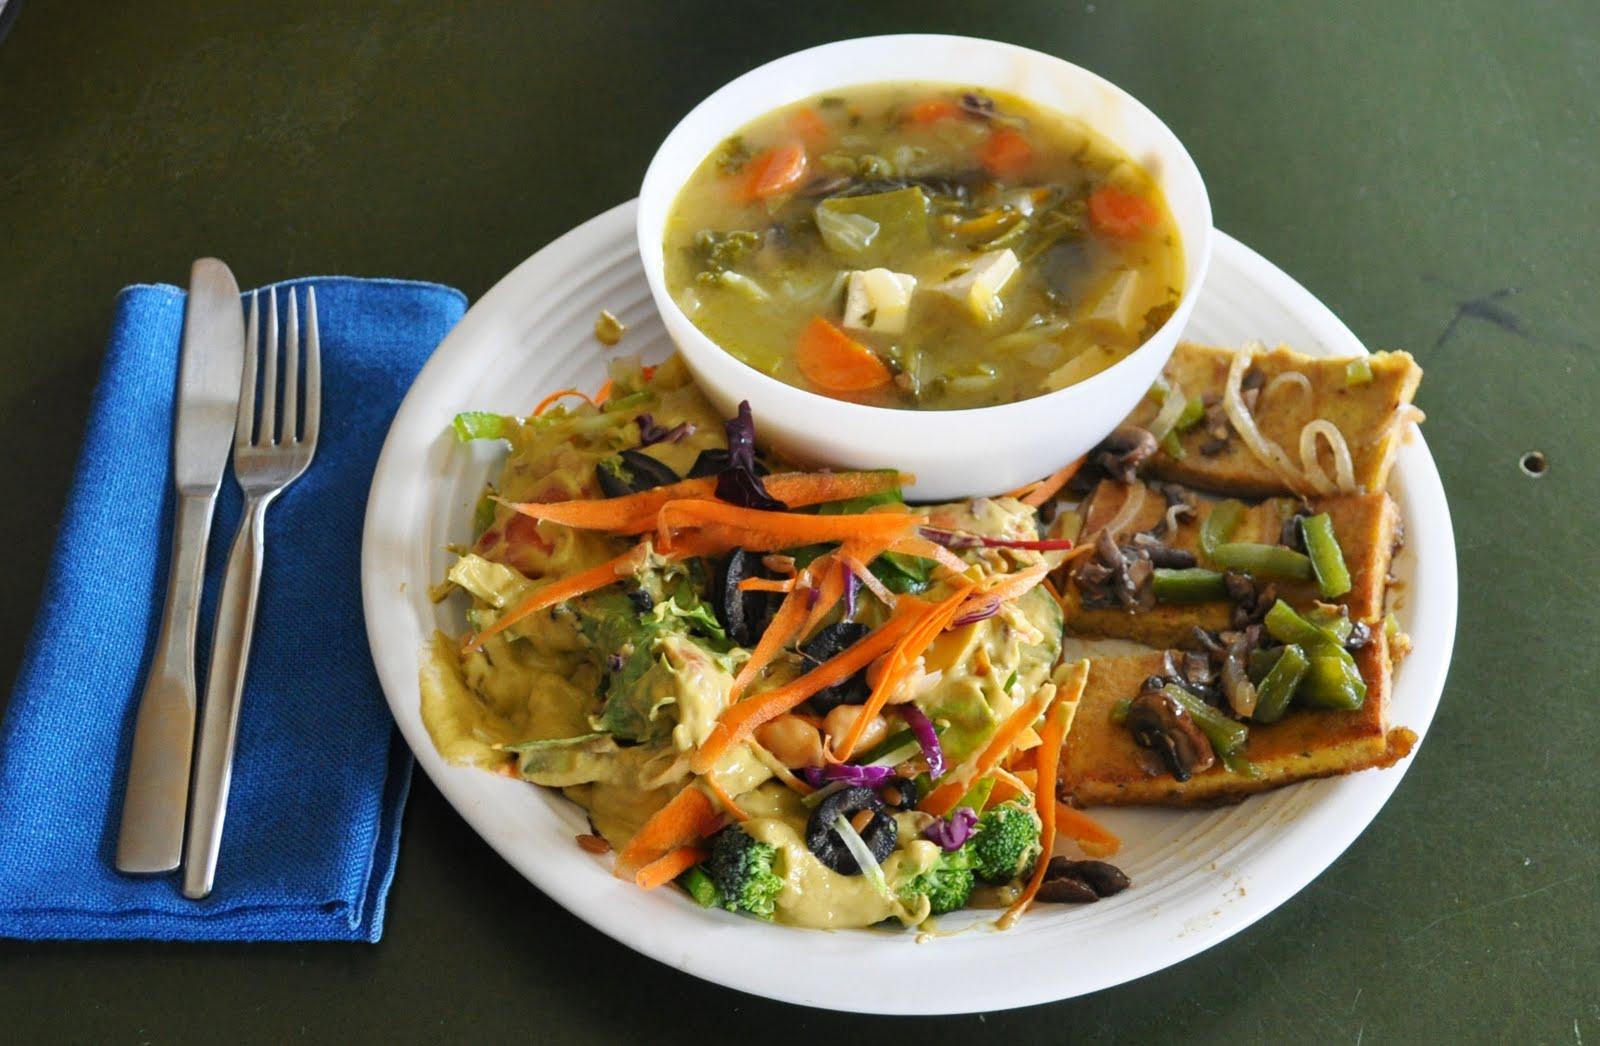 Café VegNews: Miso Soup with Tofu Steak